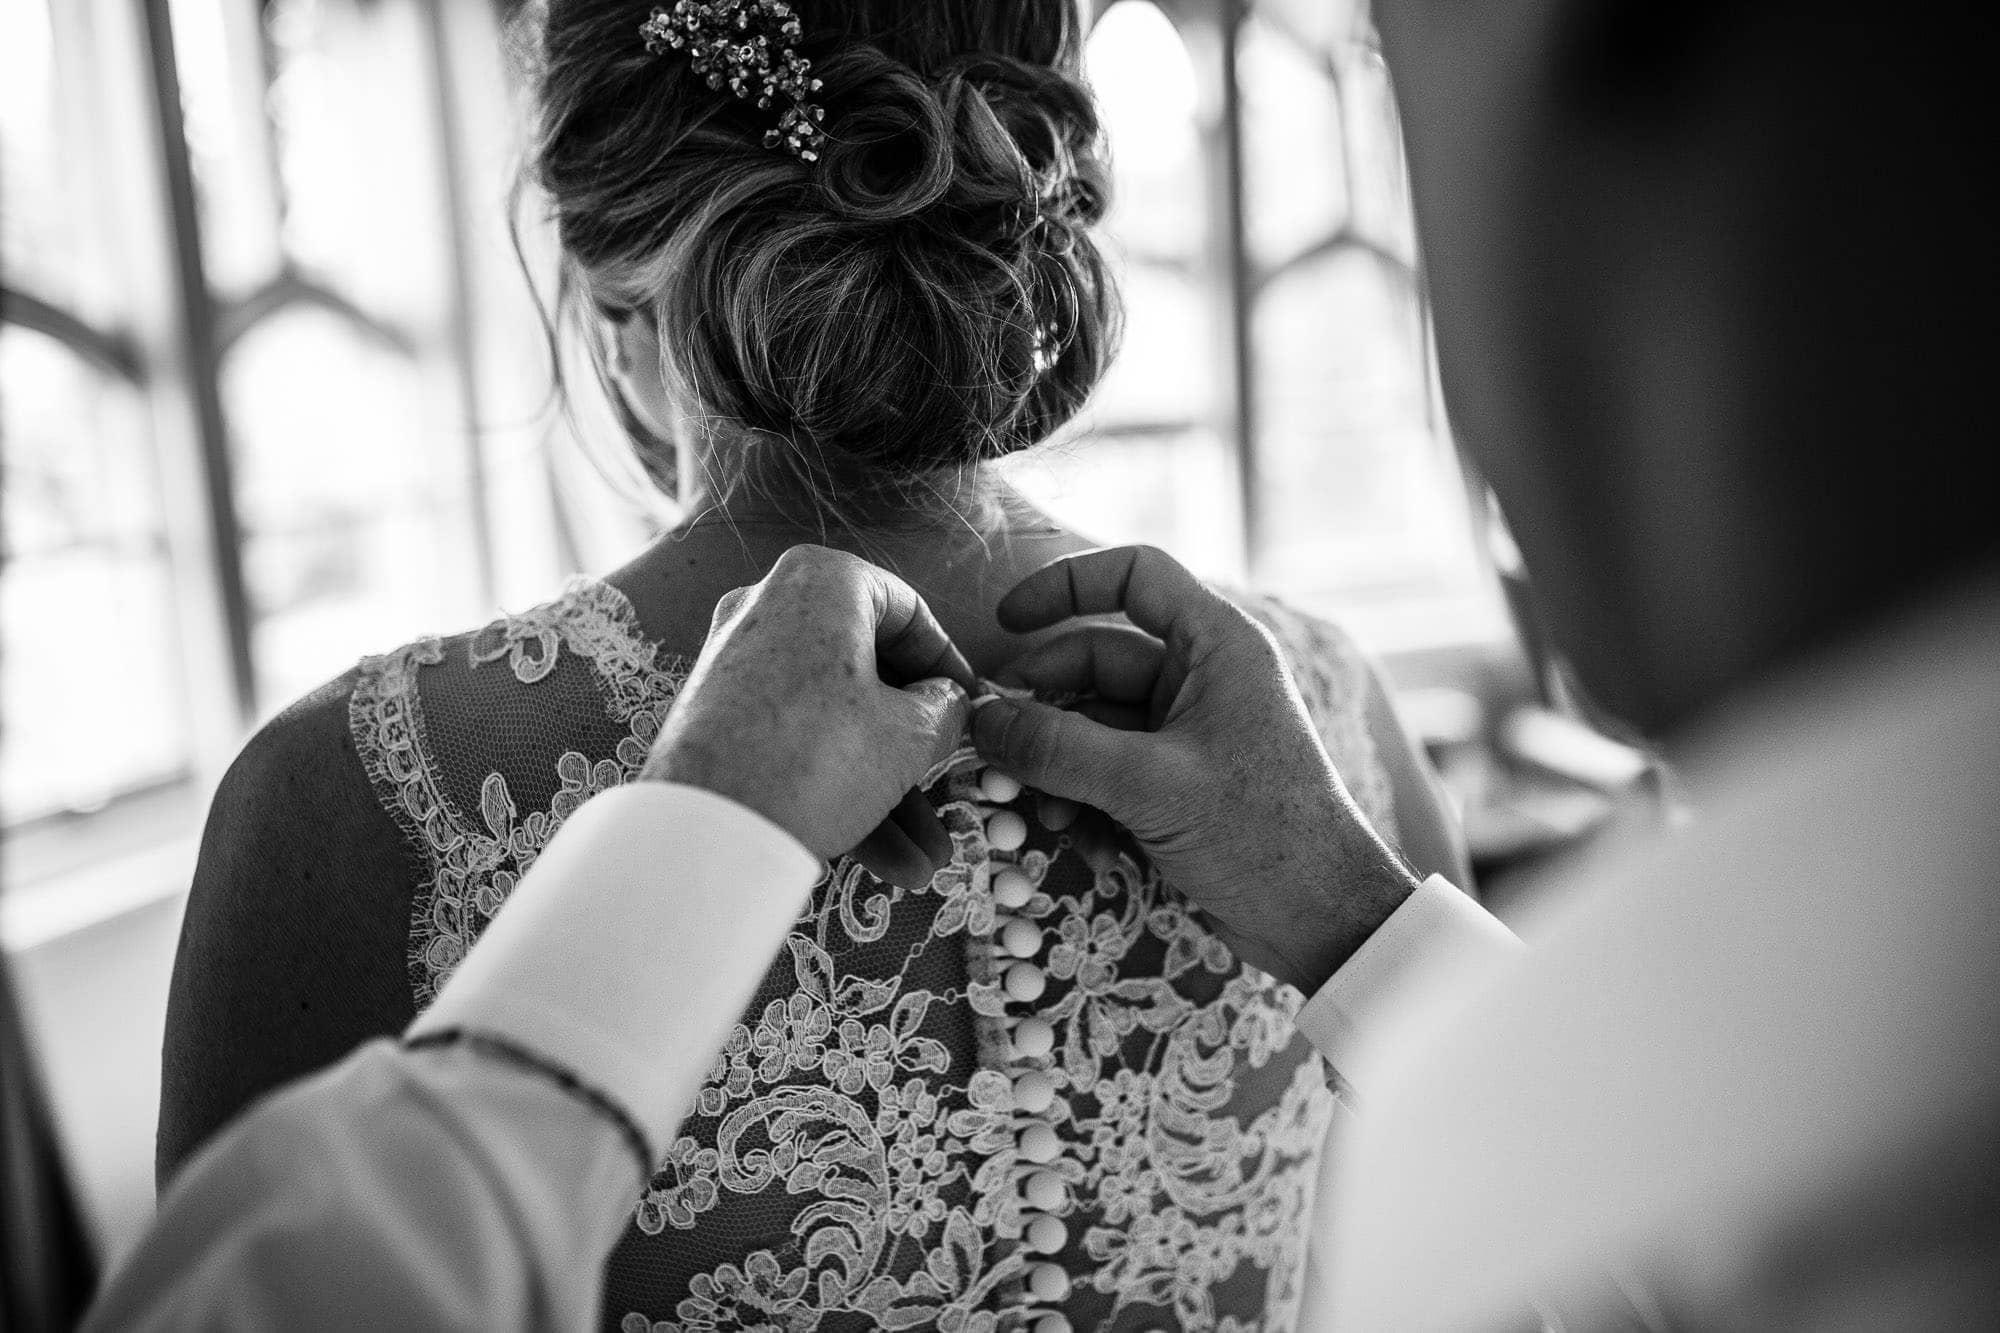 Buttons on wedding dress